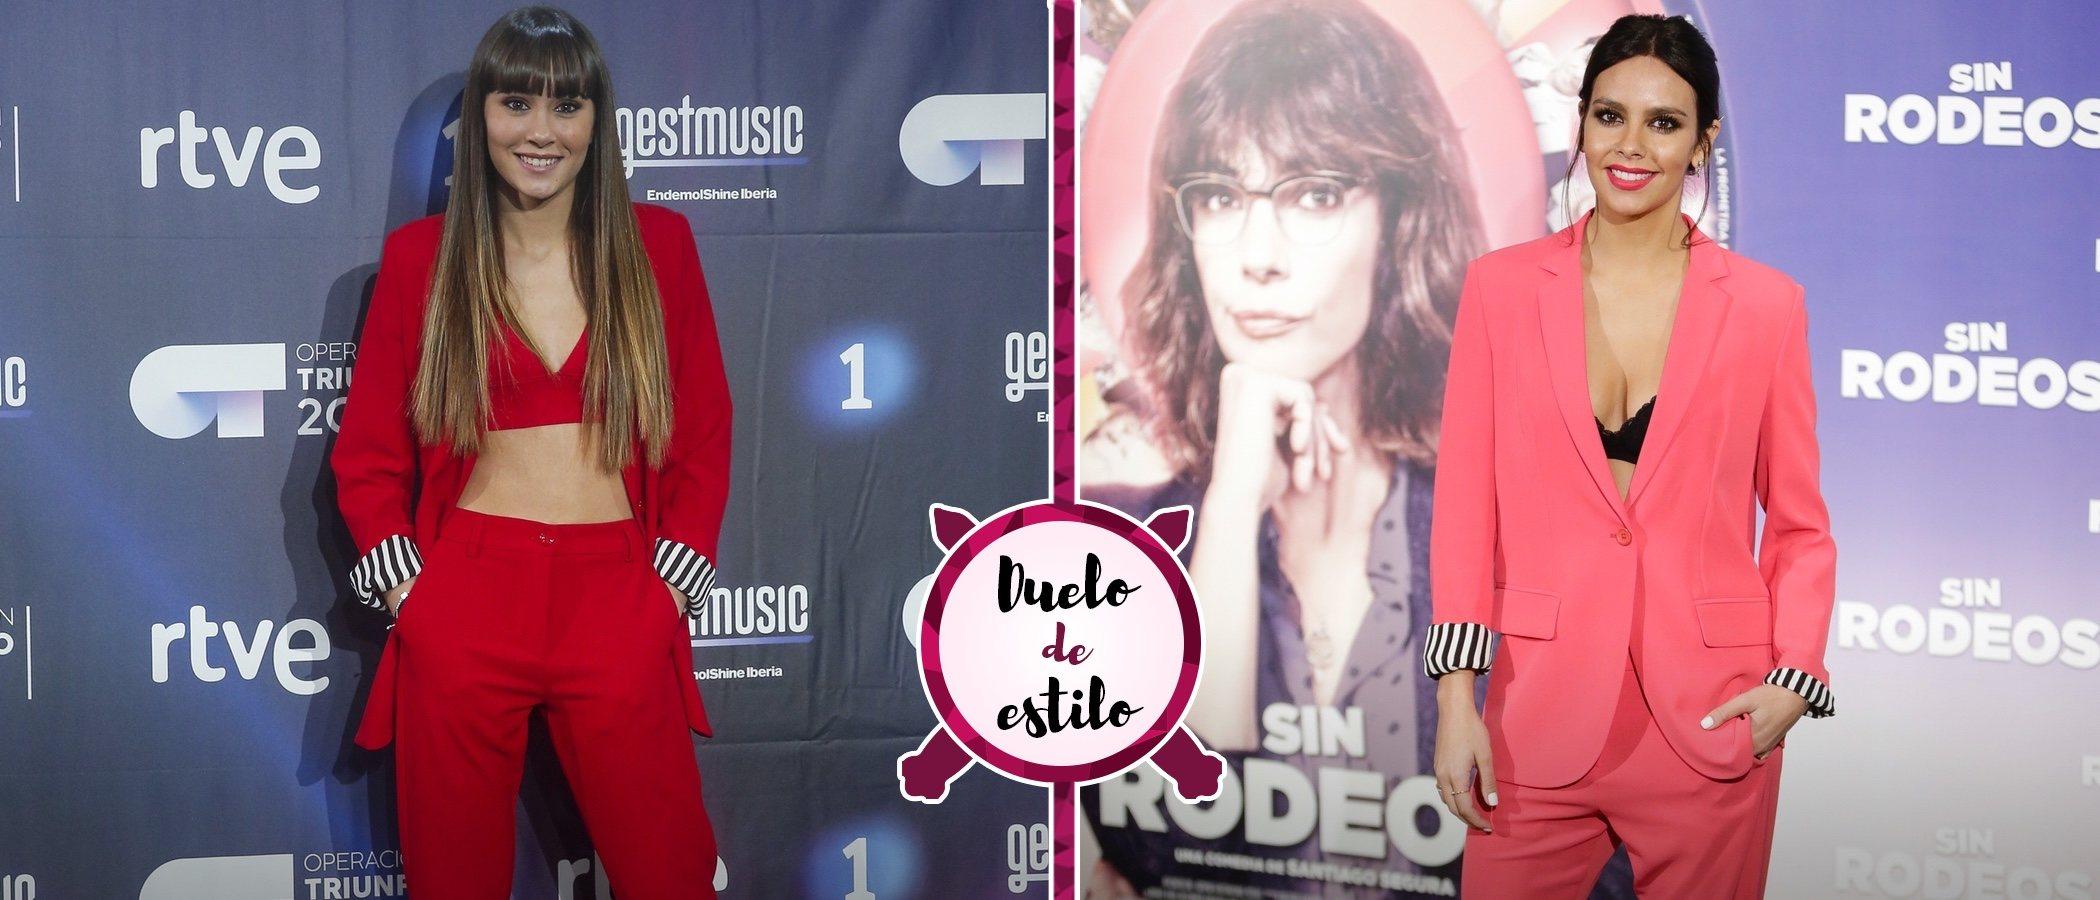 Cristina Pedroche le 'copia' el look a Aitana y apuesta por el mismo traje de chaqueta